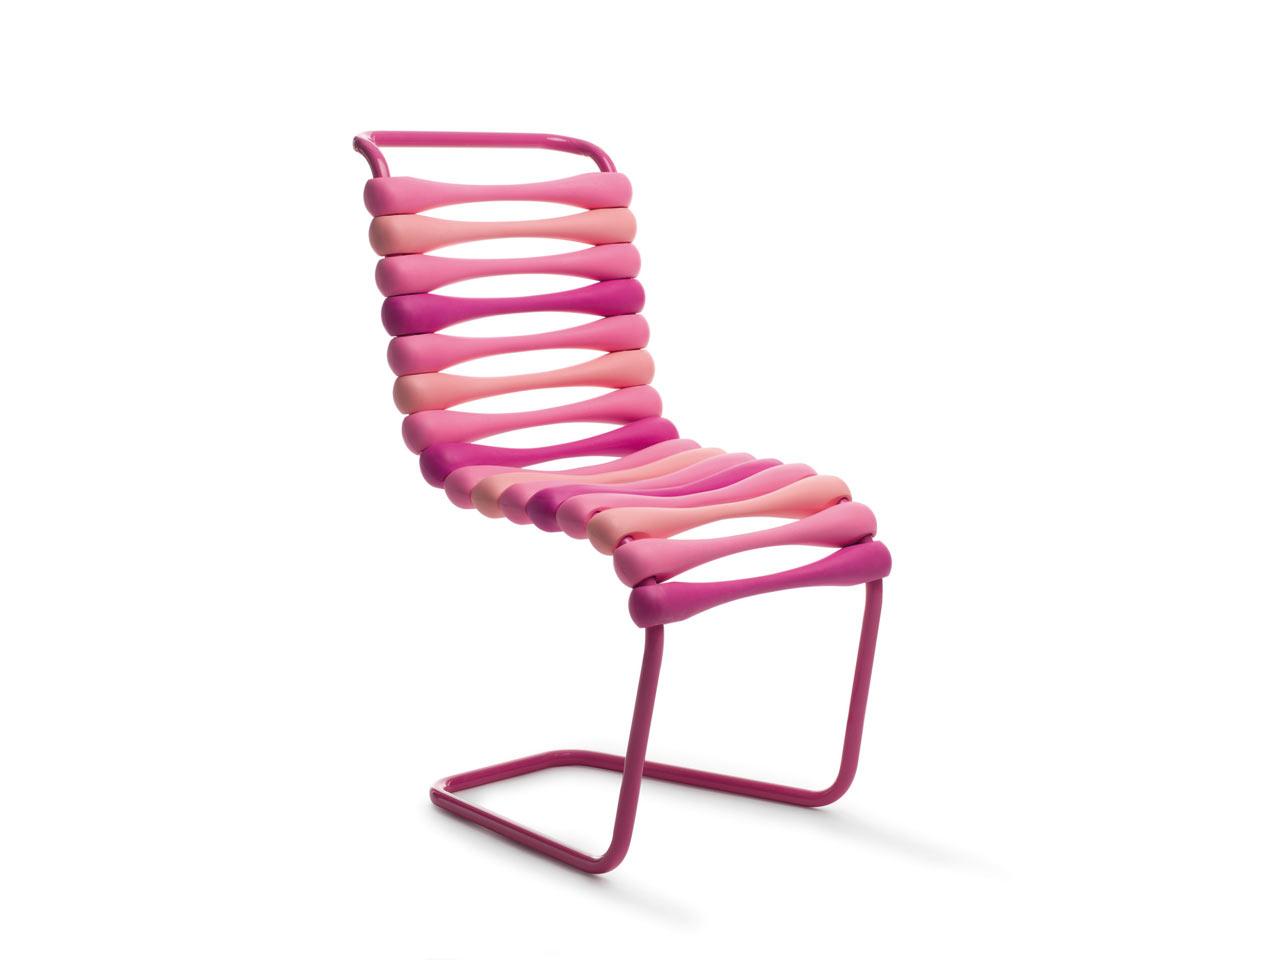 BOING-Chair-Karim-Rashid-Gufram-4